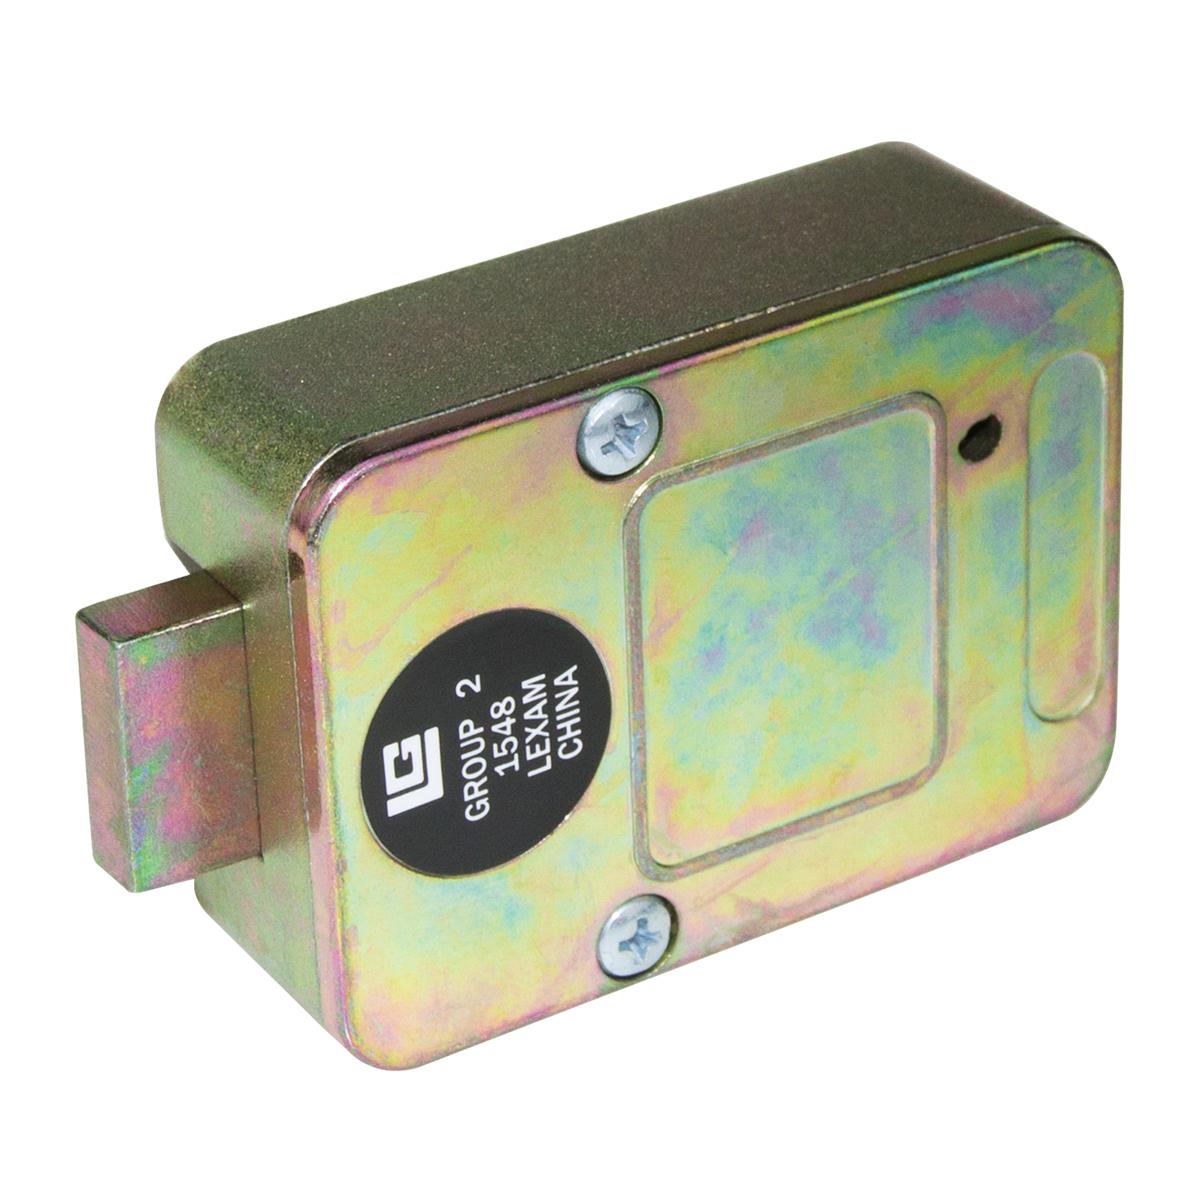 kcolefas u.l. listed 3-wheel deadbolt mechanical safe lock 30181